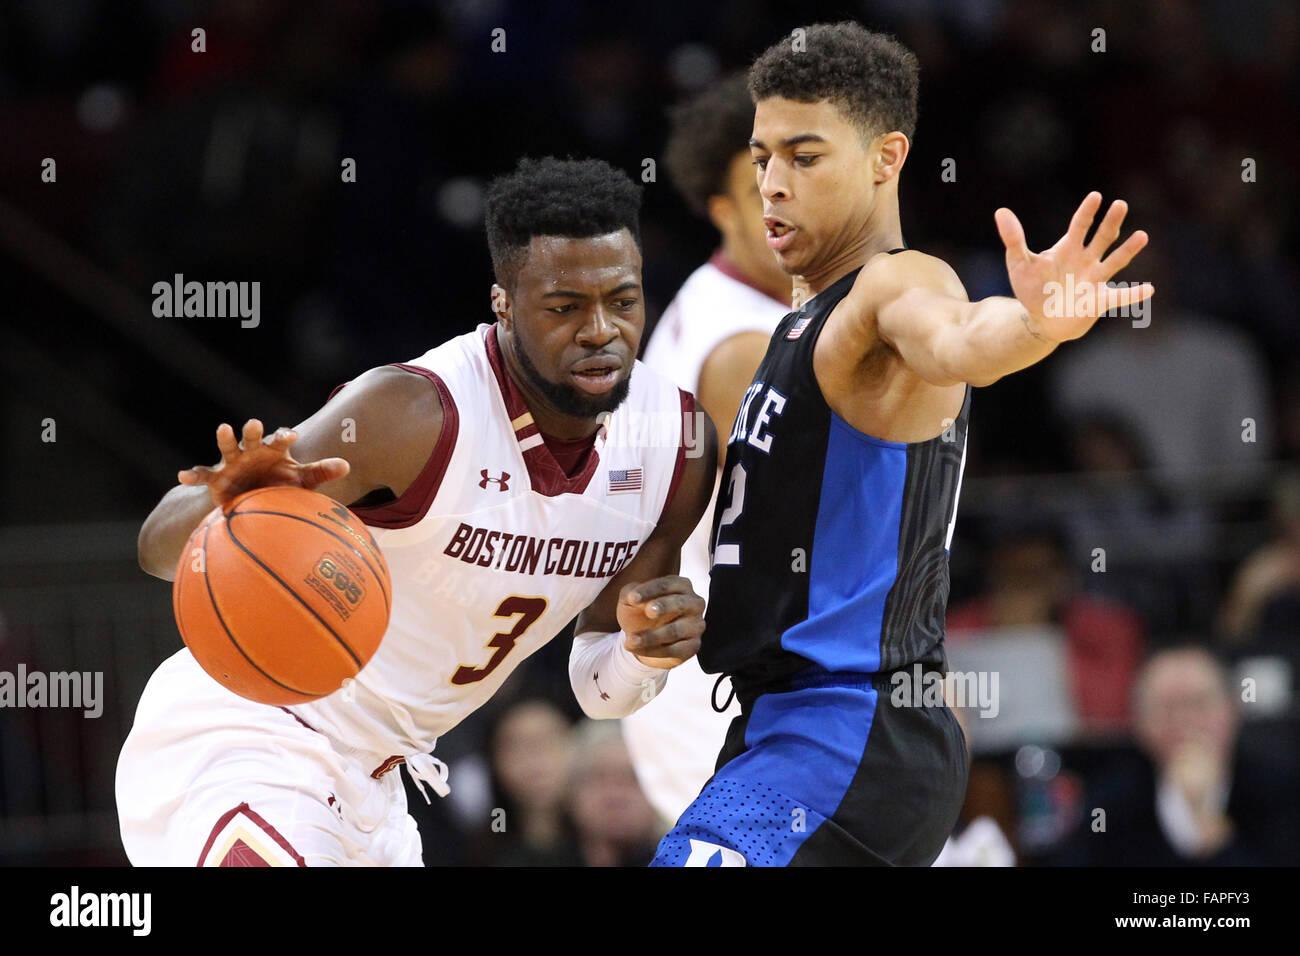 Conte Forum. 2 Jan, 2016. MA, USA, Boston College Eagles guard Eli Carter (3) et Duke Blue Devils guard Derryck Photo Stock